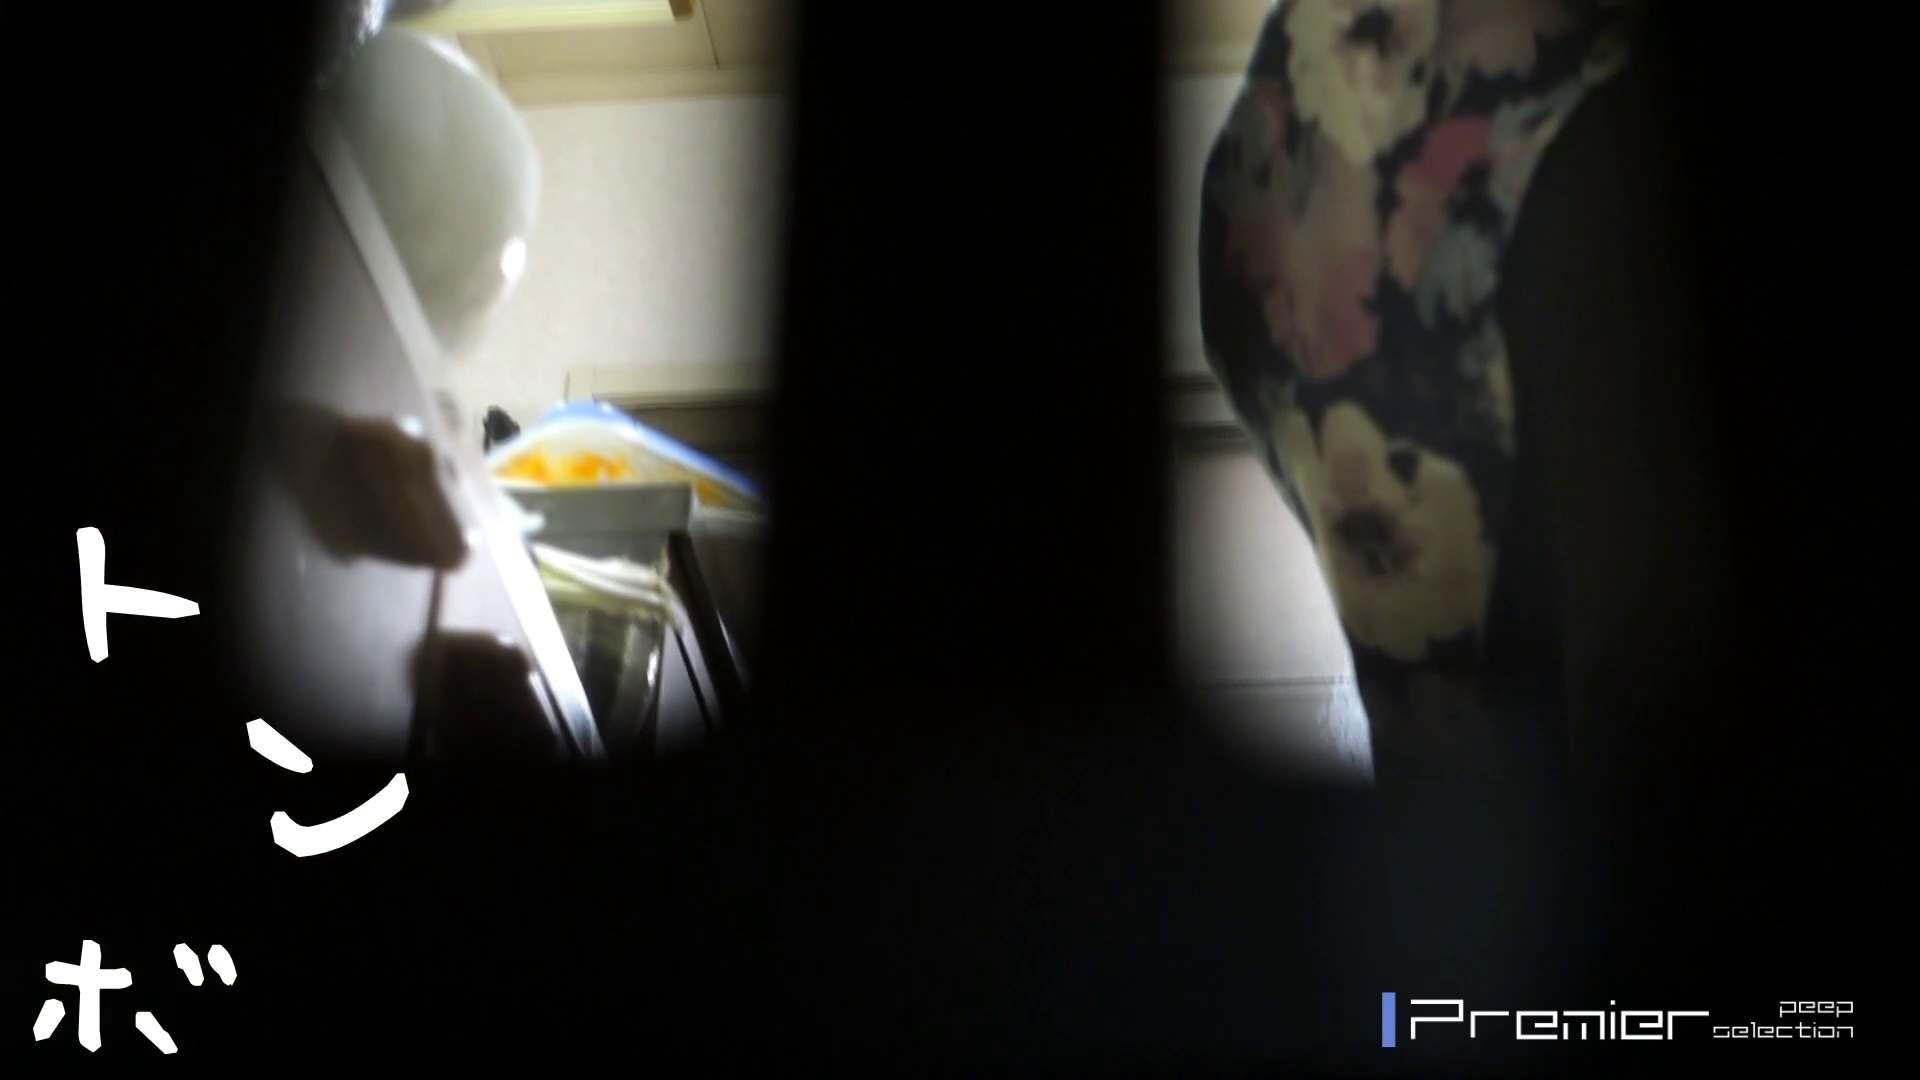 美女達の私生活に潜入!OL入浴前後の裸と私生活 高画質 性交動画流出 54画像 38